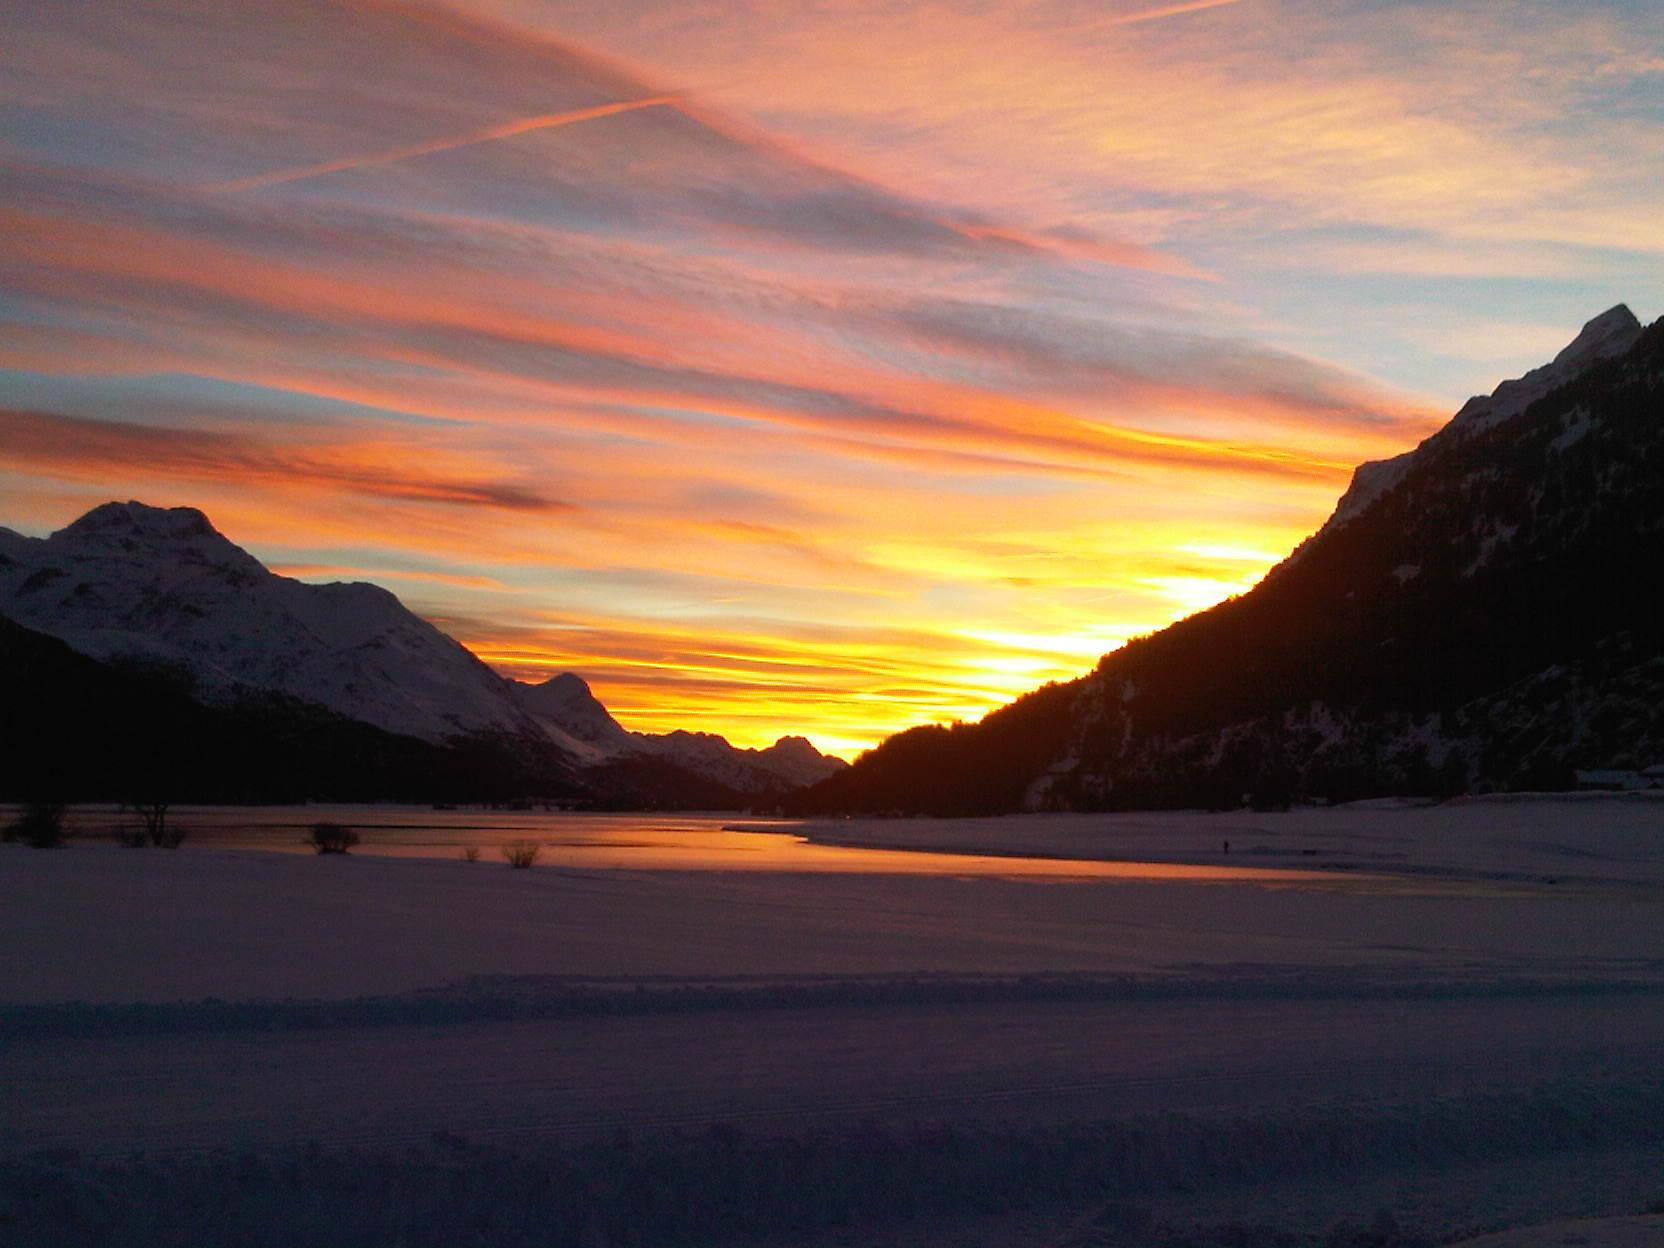 Engadine sunset, Corvatsch-Furtschellas